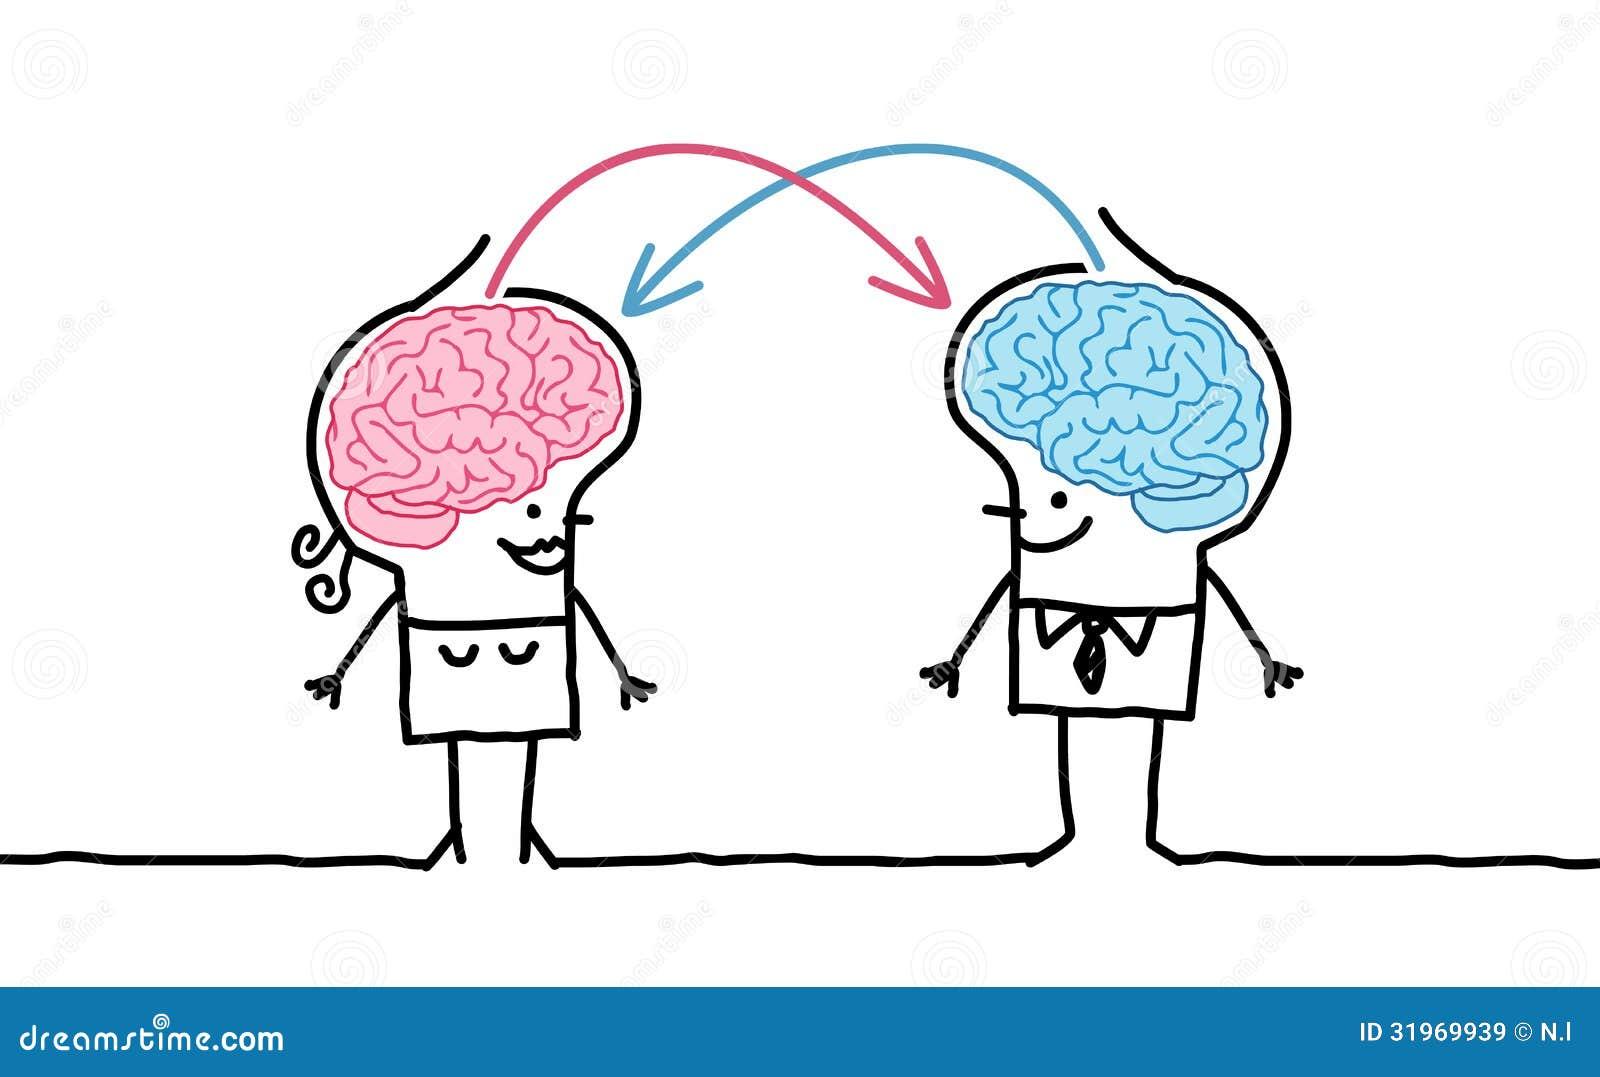 Grands couples et échange de cerveau